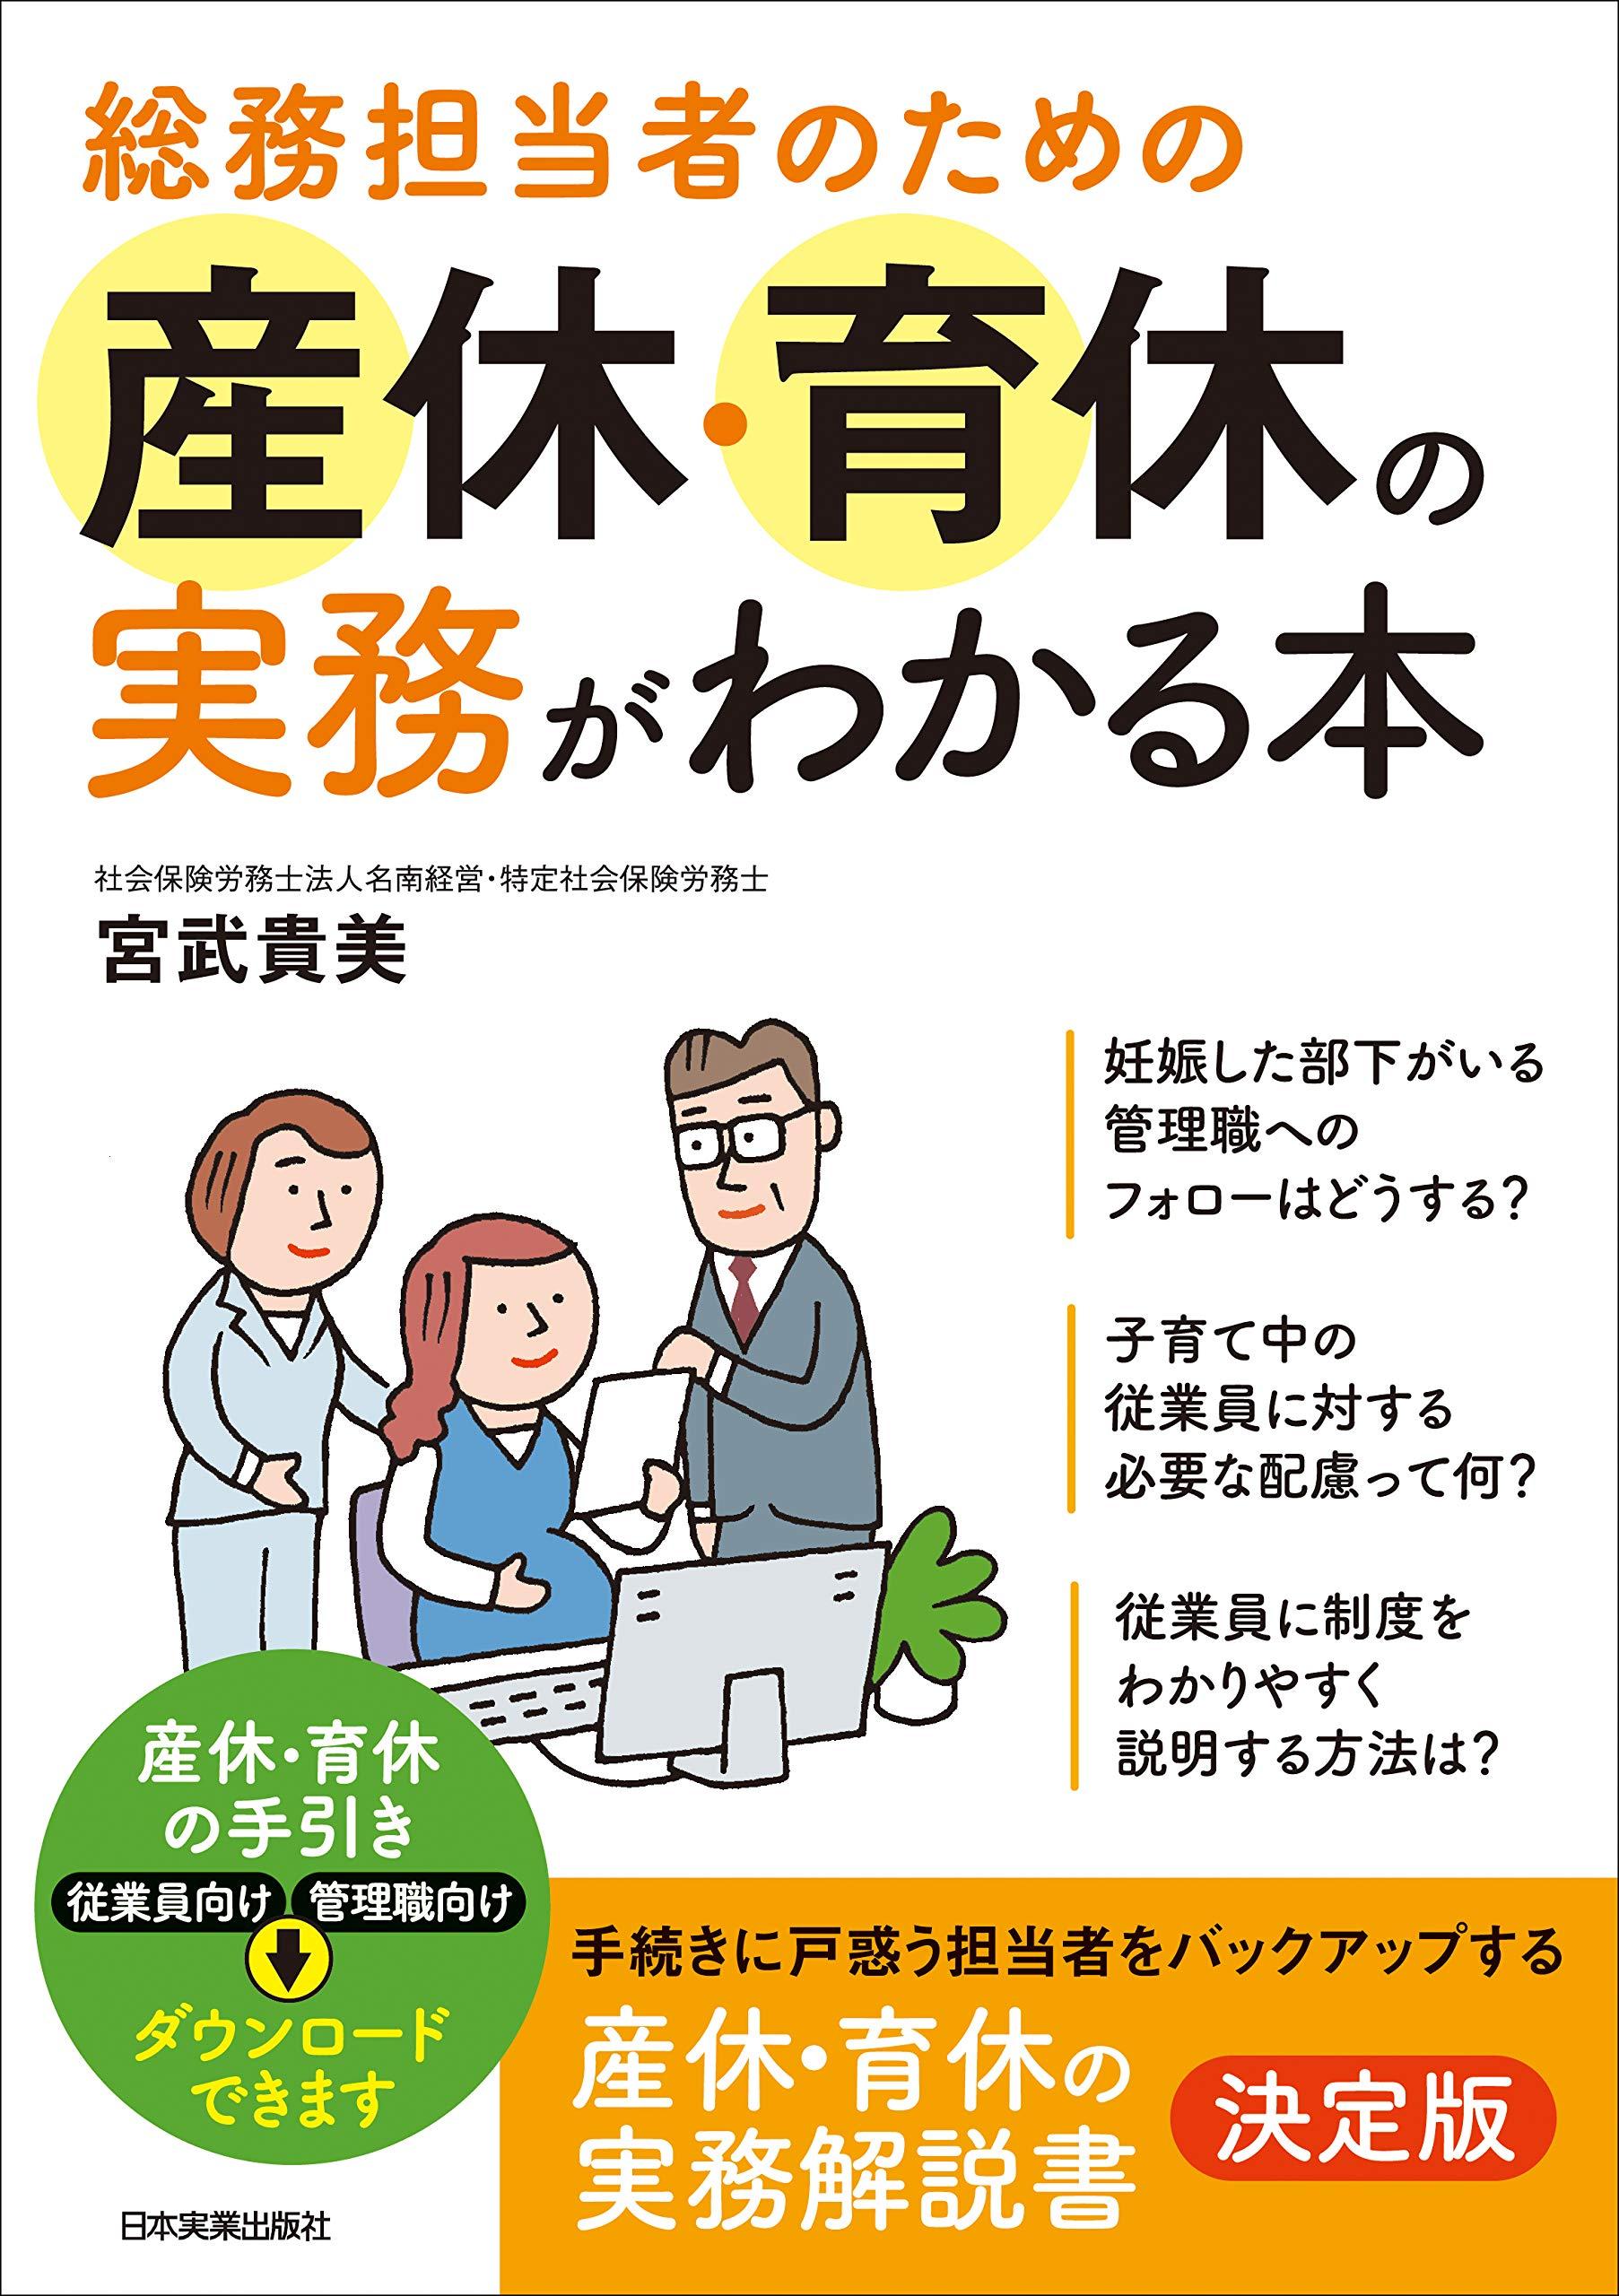 宮武貴美最新刊「総務担当者のための産休・育休の実務がわかる本」10月19日に発売